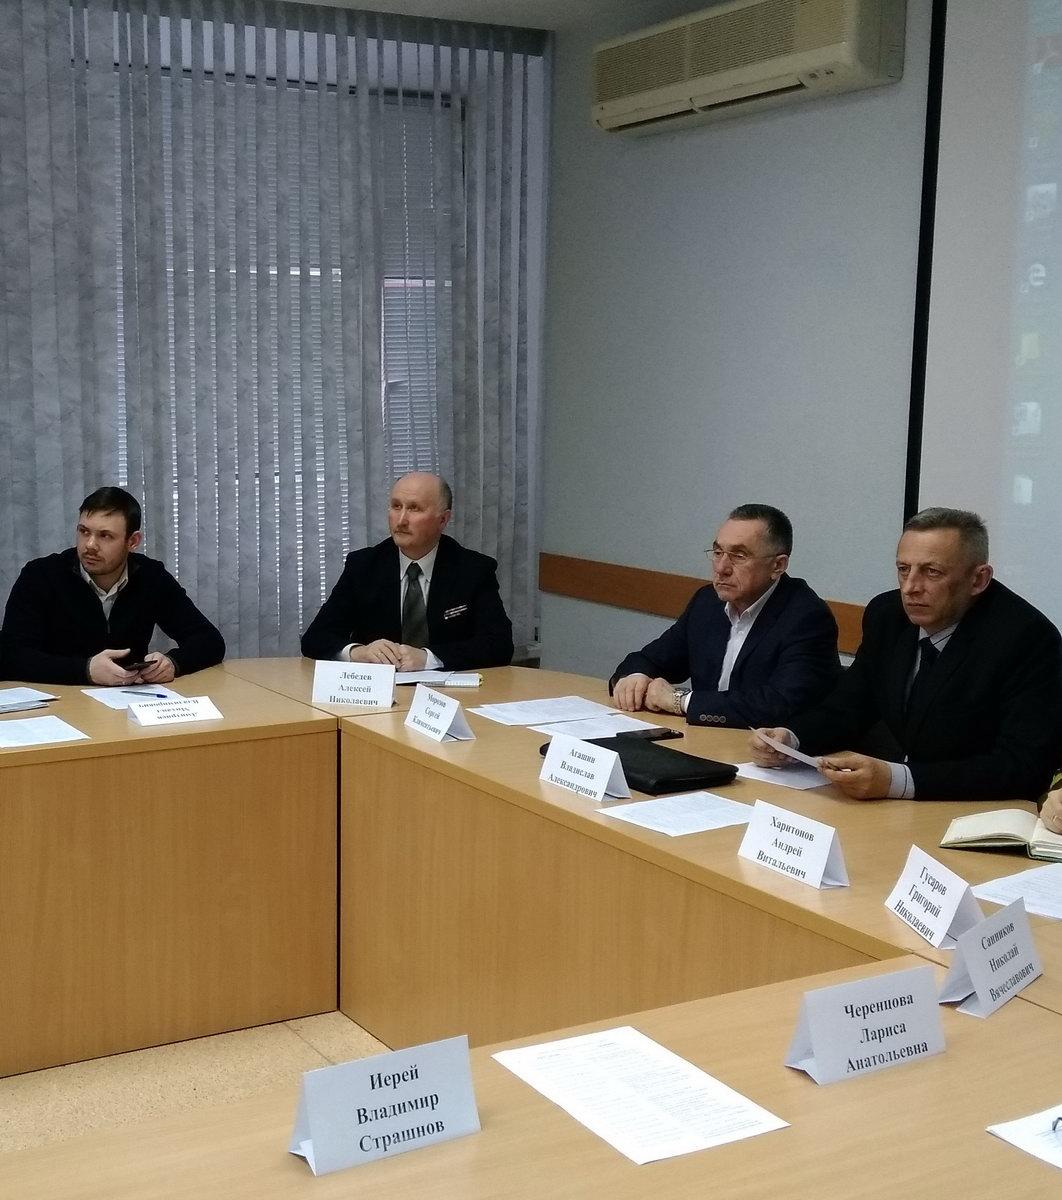 «Союз десантников Удмуртии» становится равноправным участником учебного процесса в республике и примет участие в онлайн уроках